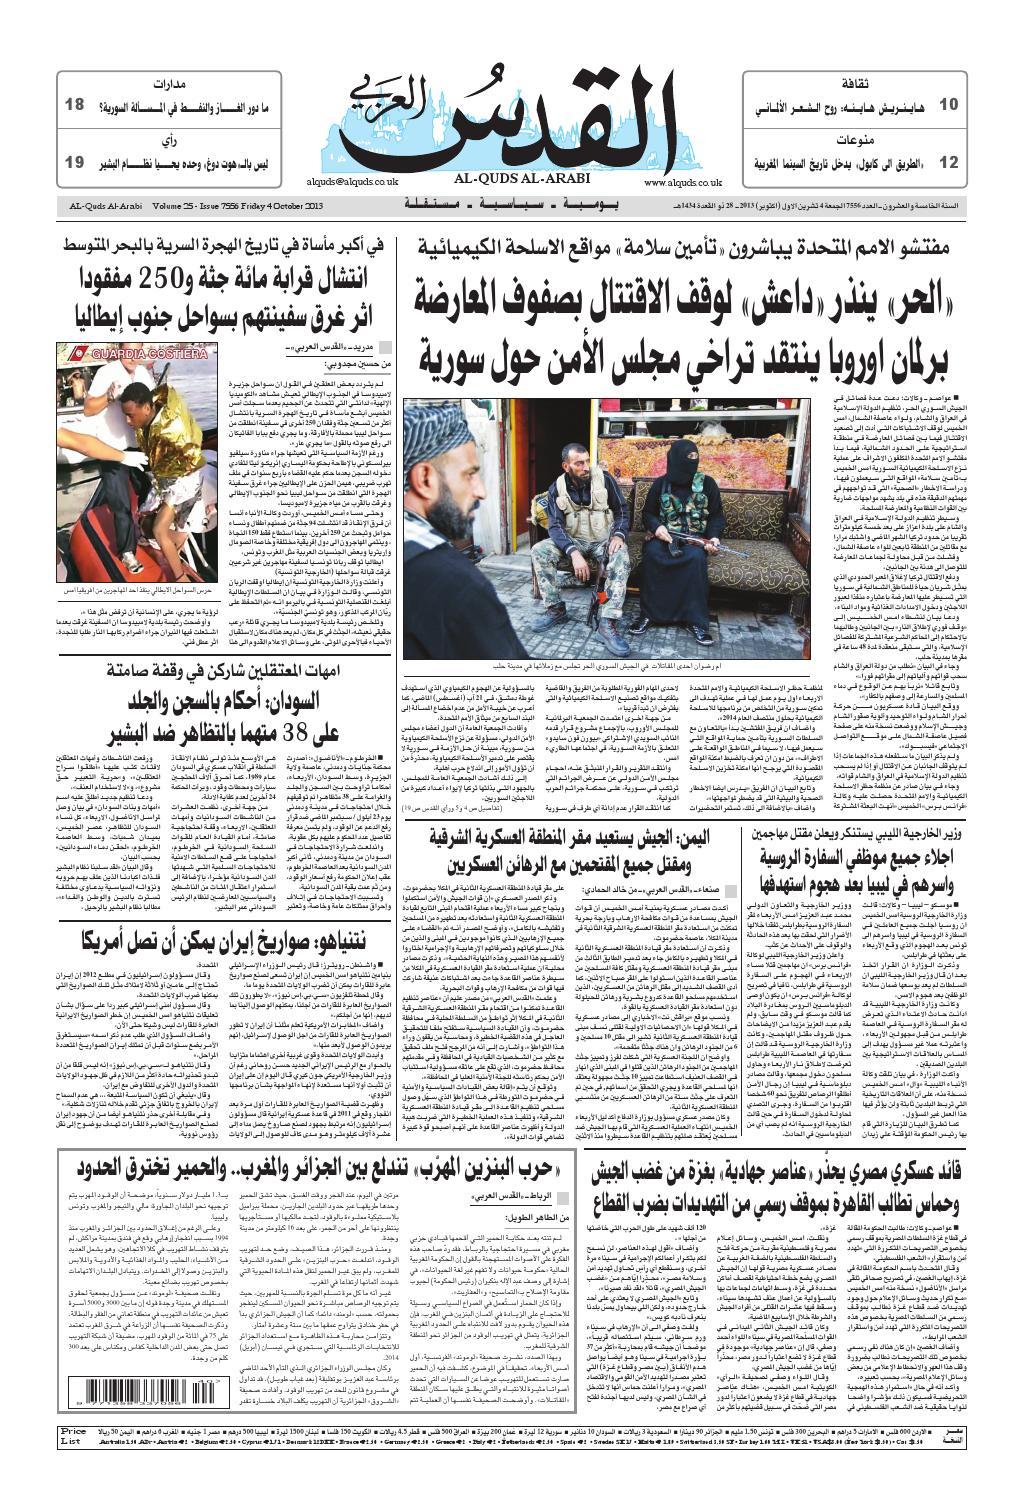 b44ccc15b صحيفة القدس العربي , الجمعة 04.10.2013 by مركز الحدث - issuu